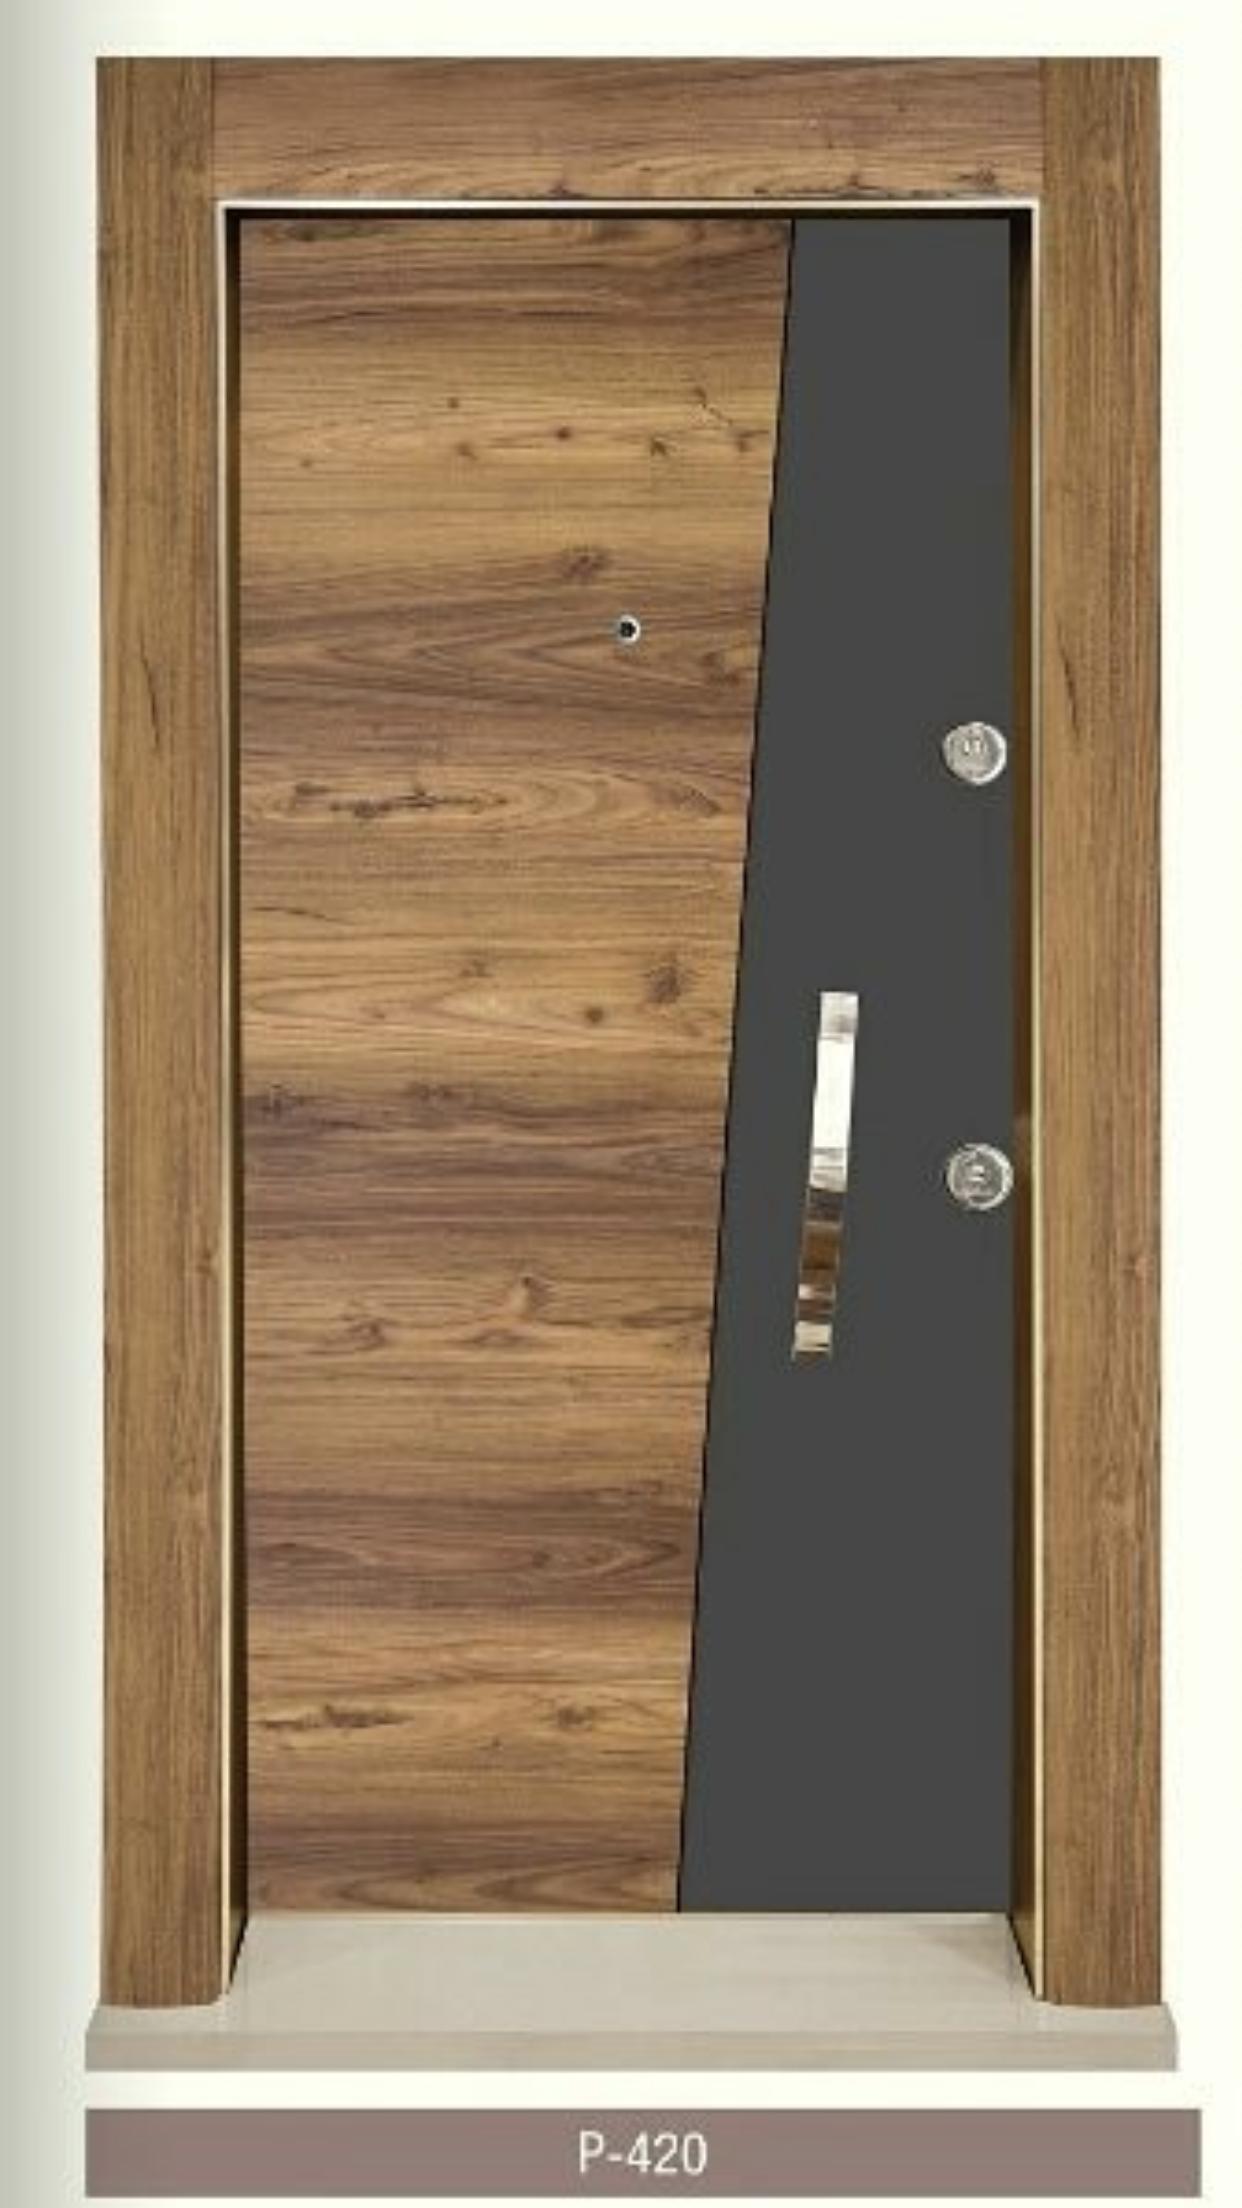 косая дверь | living room in 2019 | Wood doors, Doors, Wooden on